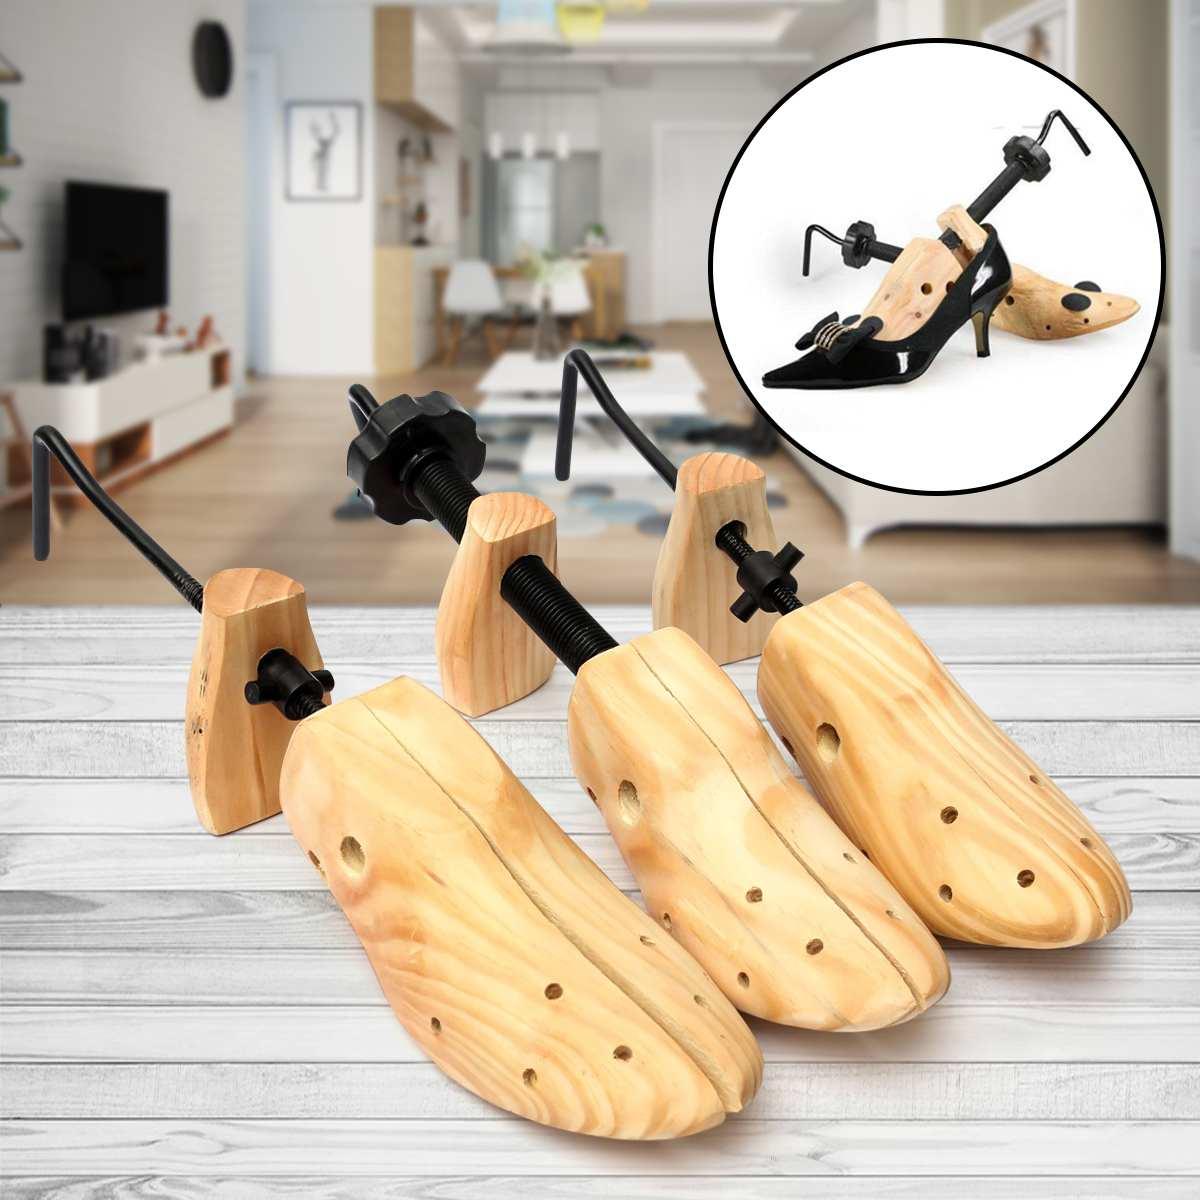 Unisex 1 Piece Shoe Stretcher Wooden Shoes Tree Shaper Rack,Wood Adjustable Flats Pumps Boots Expander Trees Size S/M/L